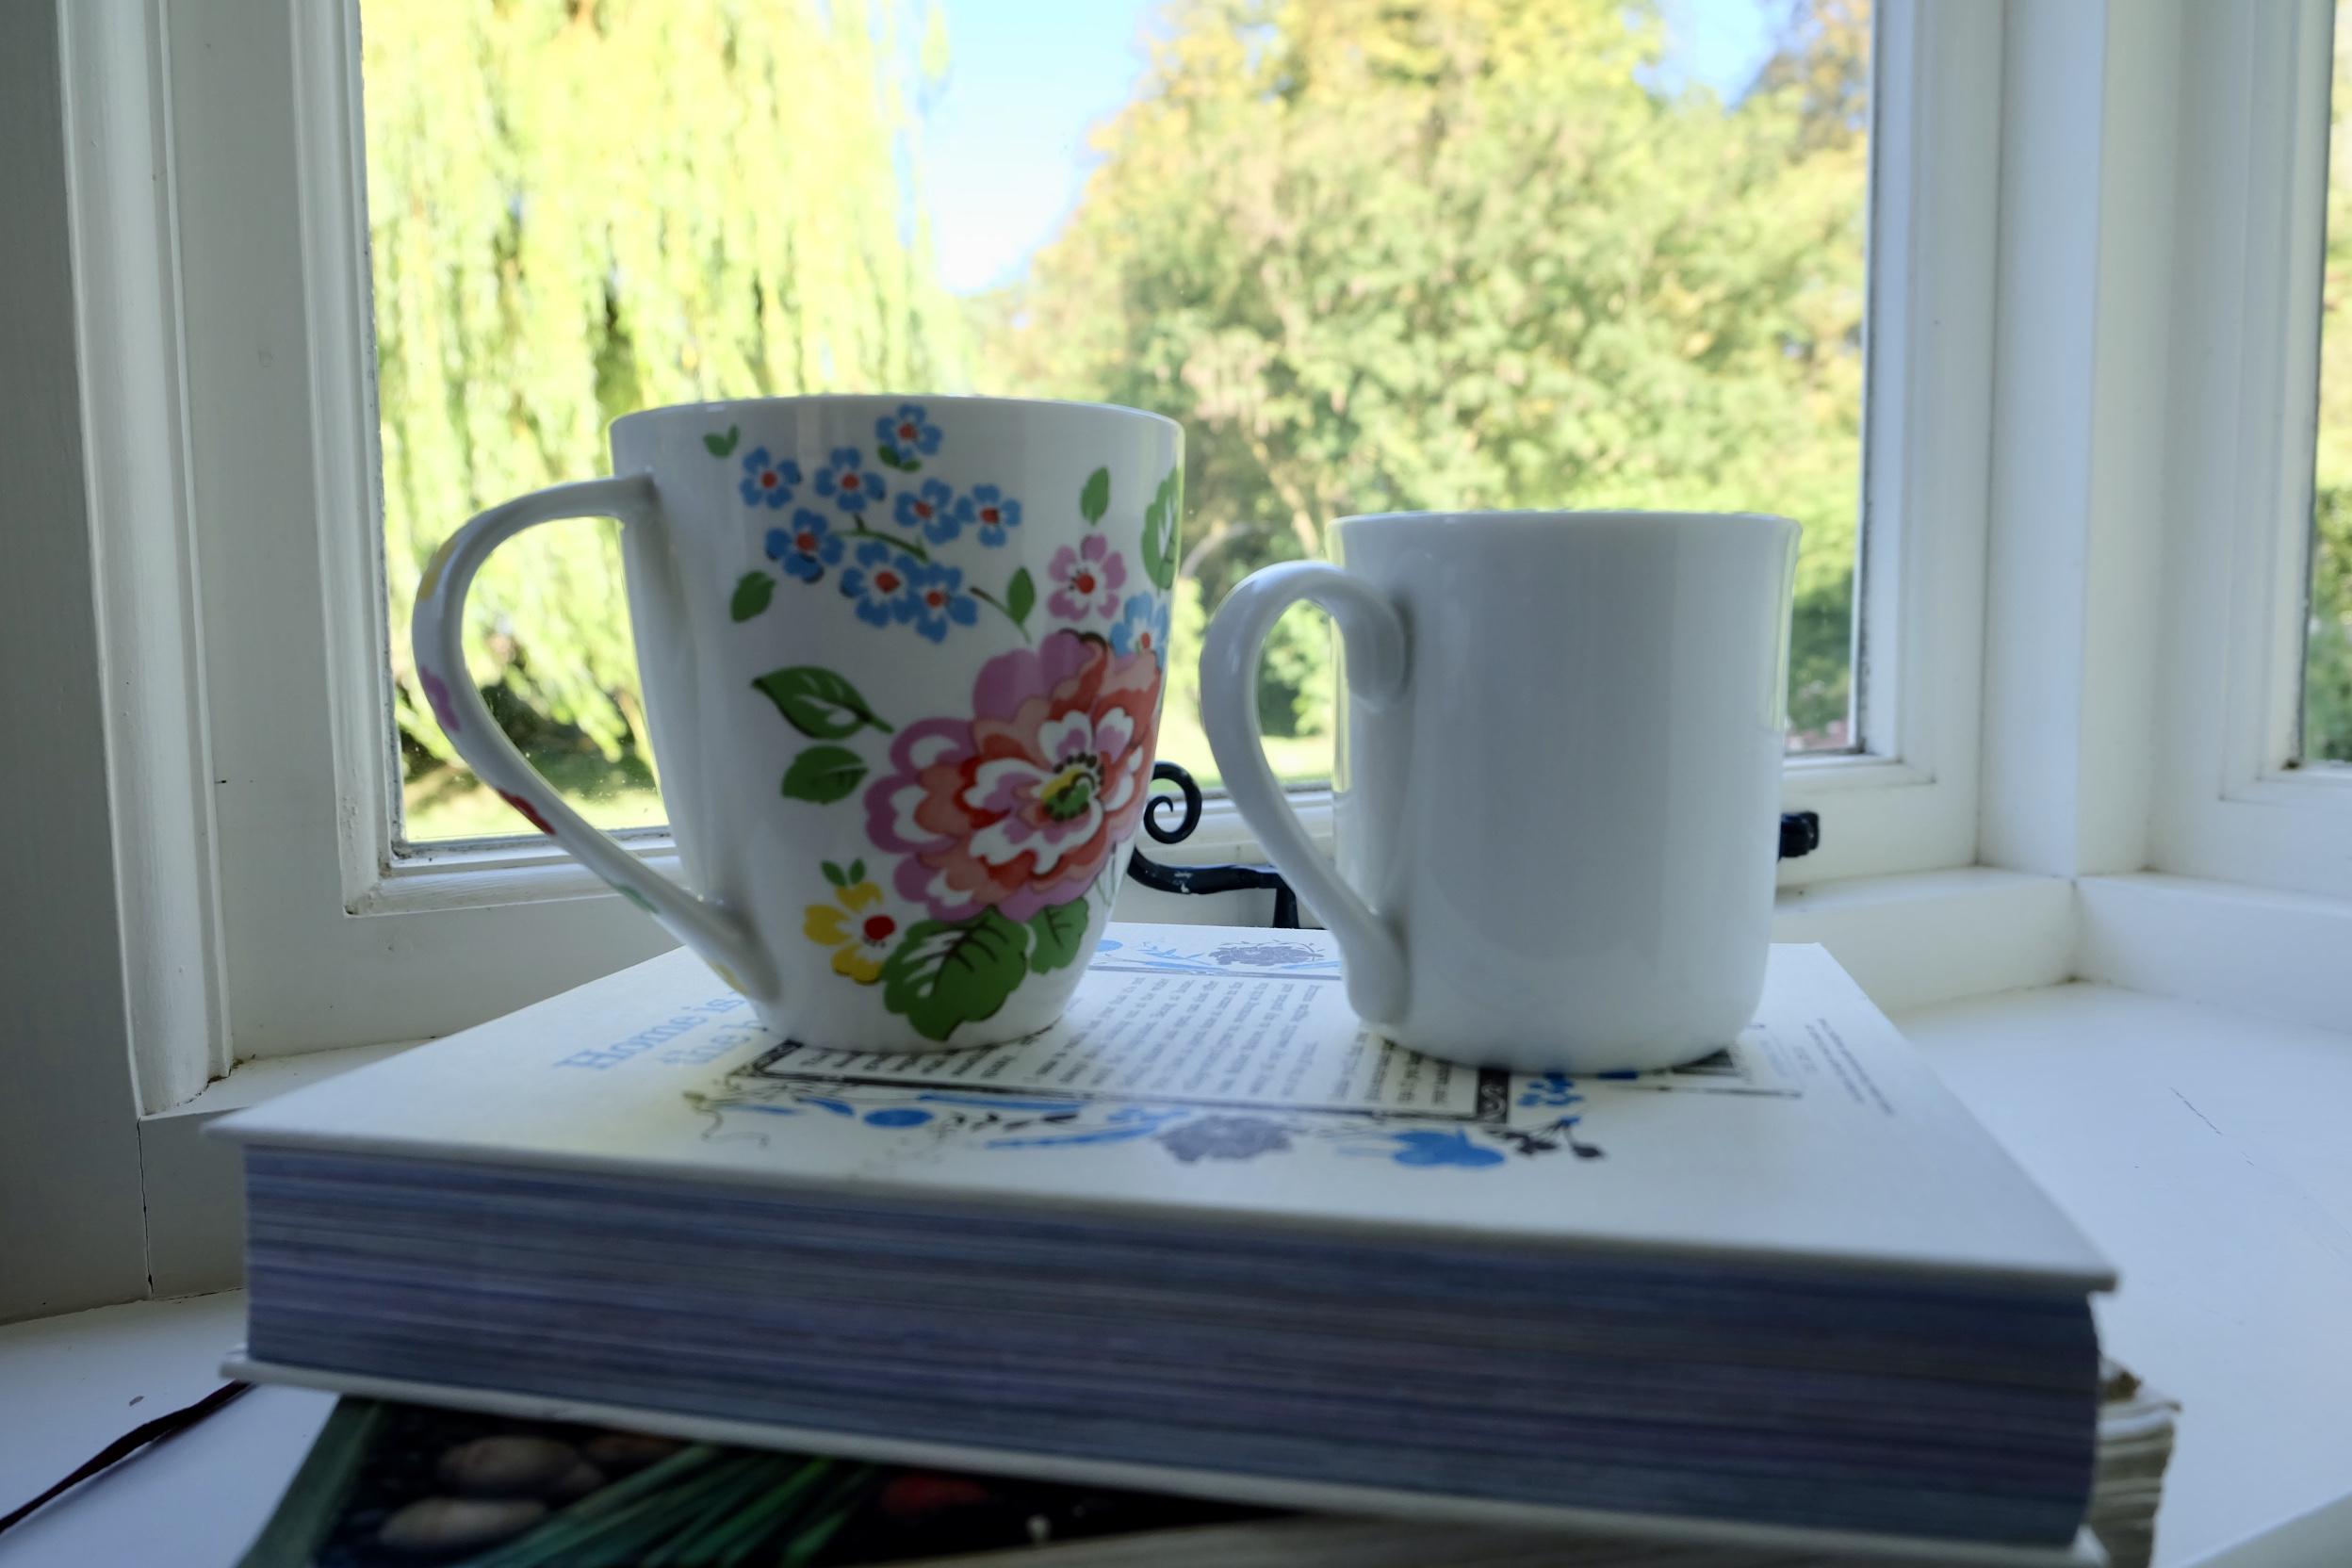 Mug size ergonomics